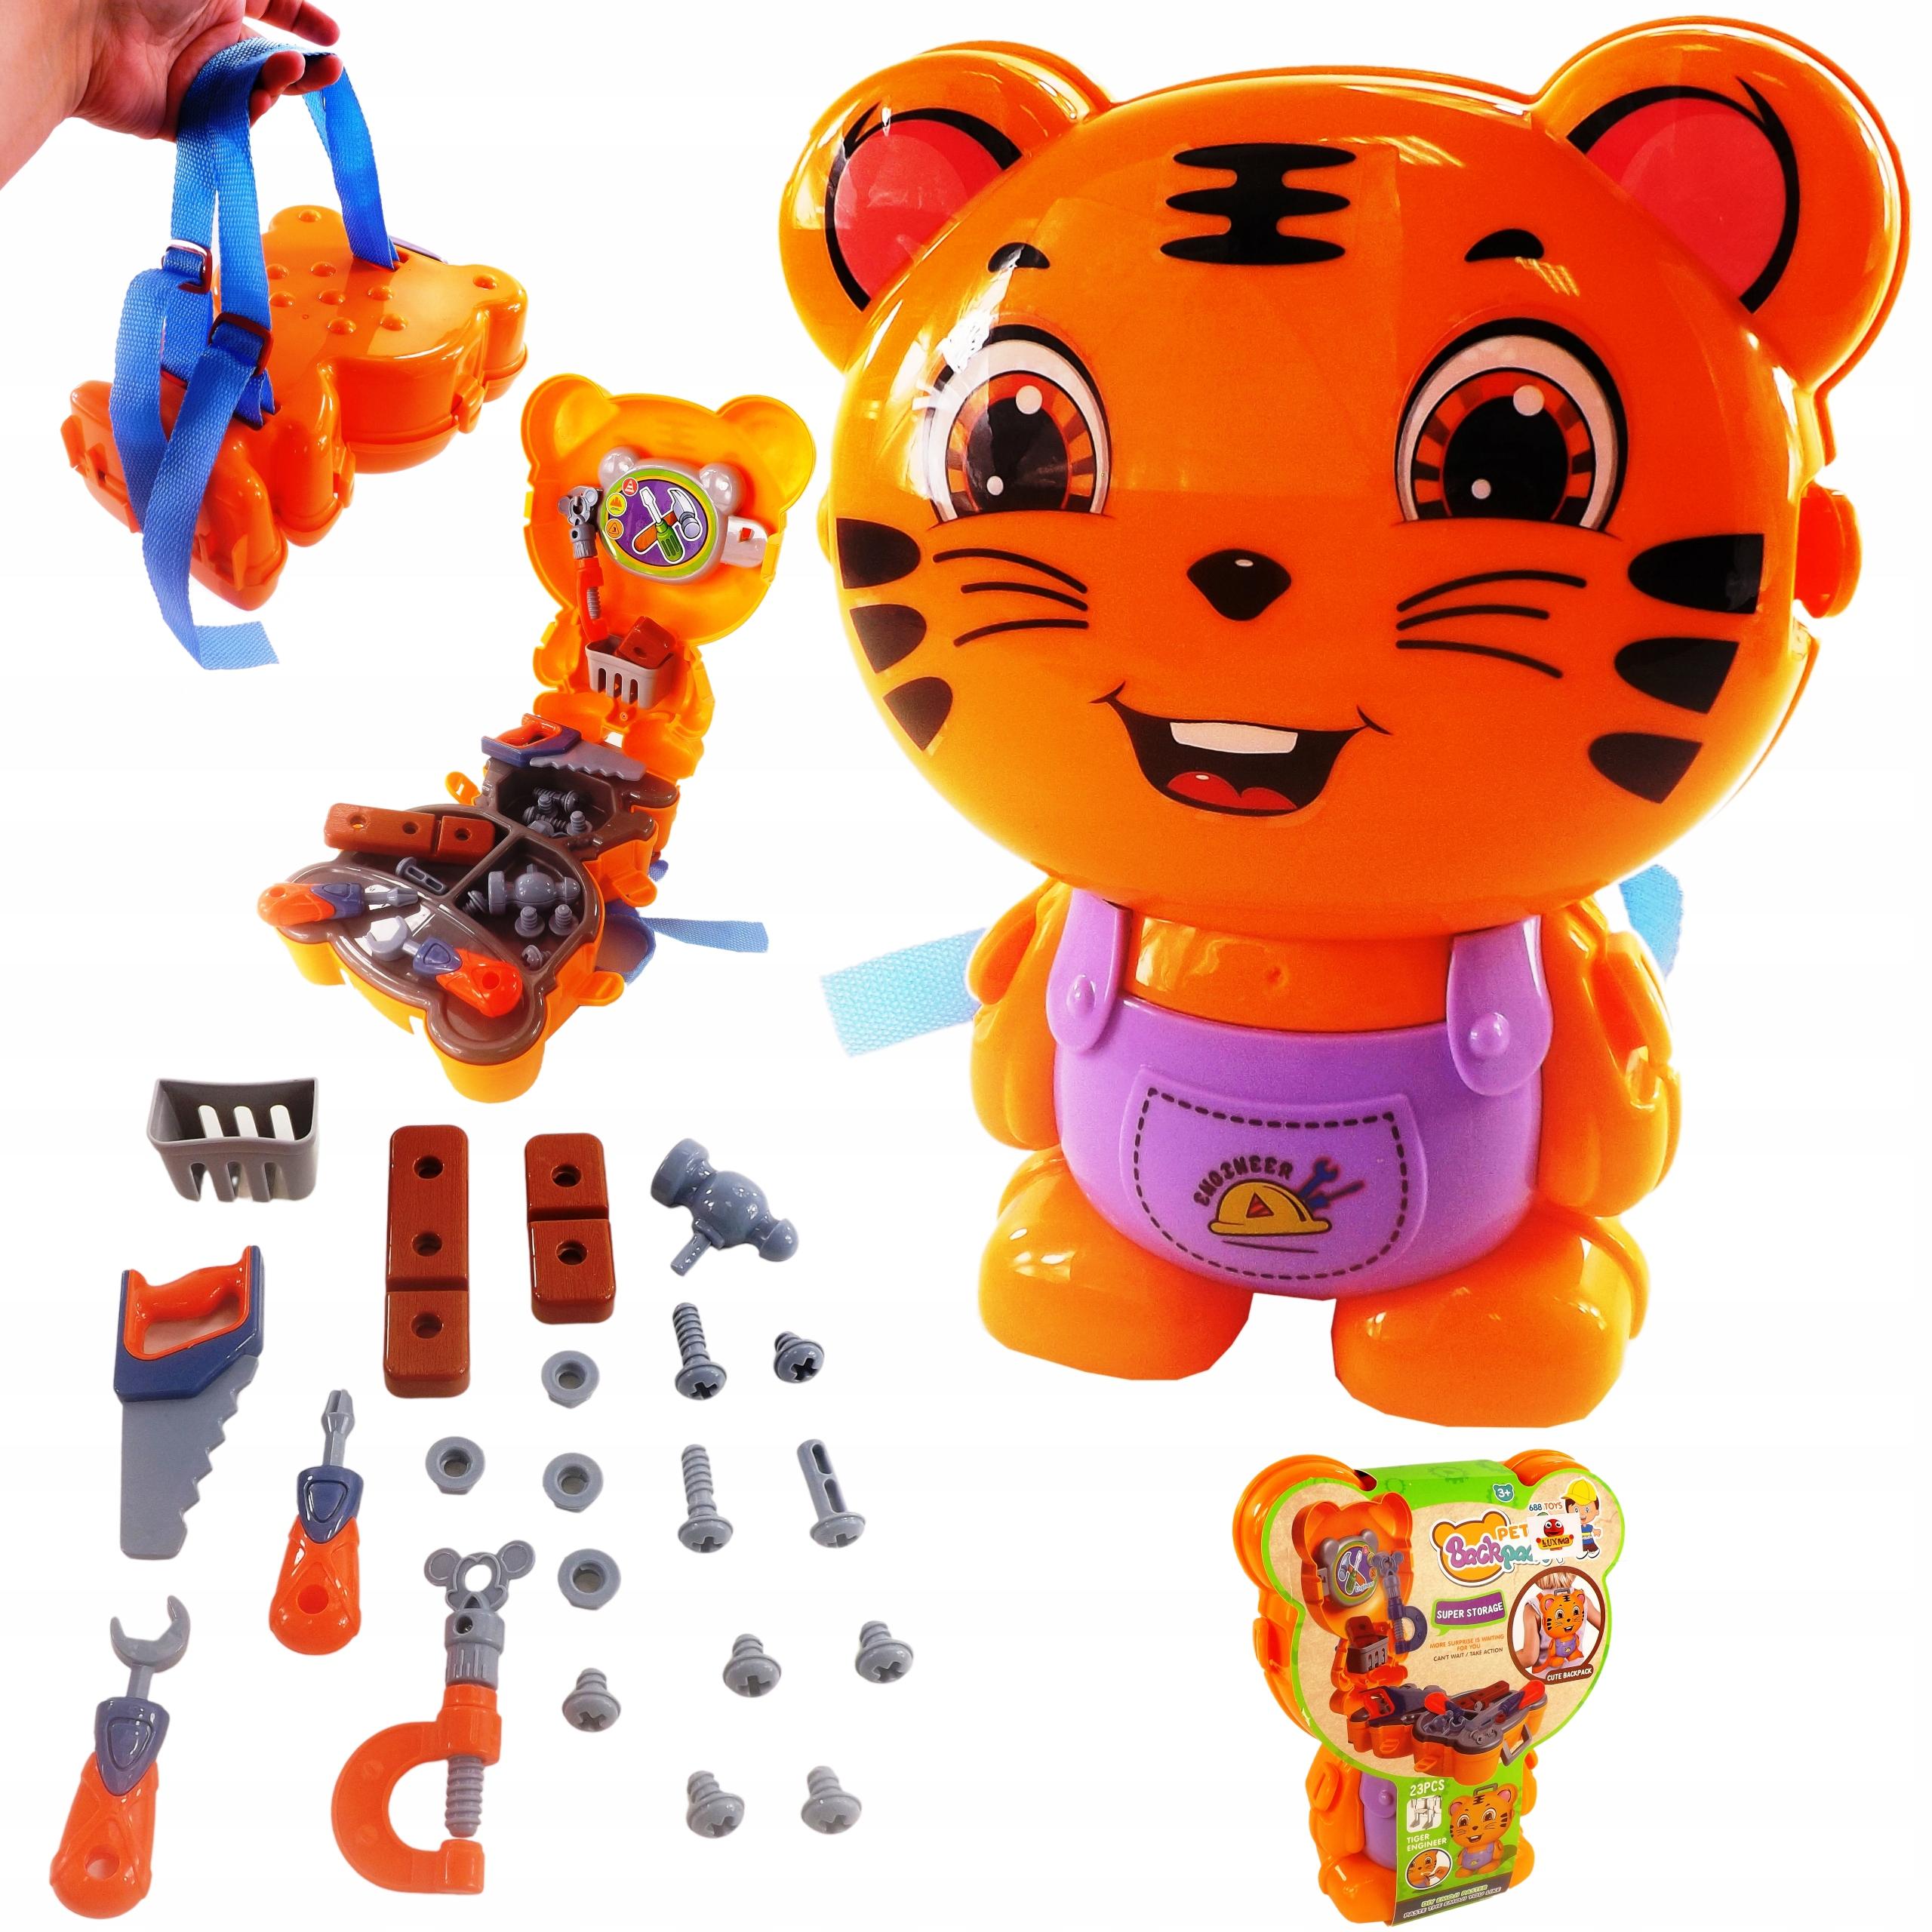 Warsztat zestaw plecak tygrysek narzędzia 23 el 40